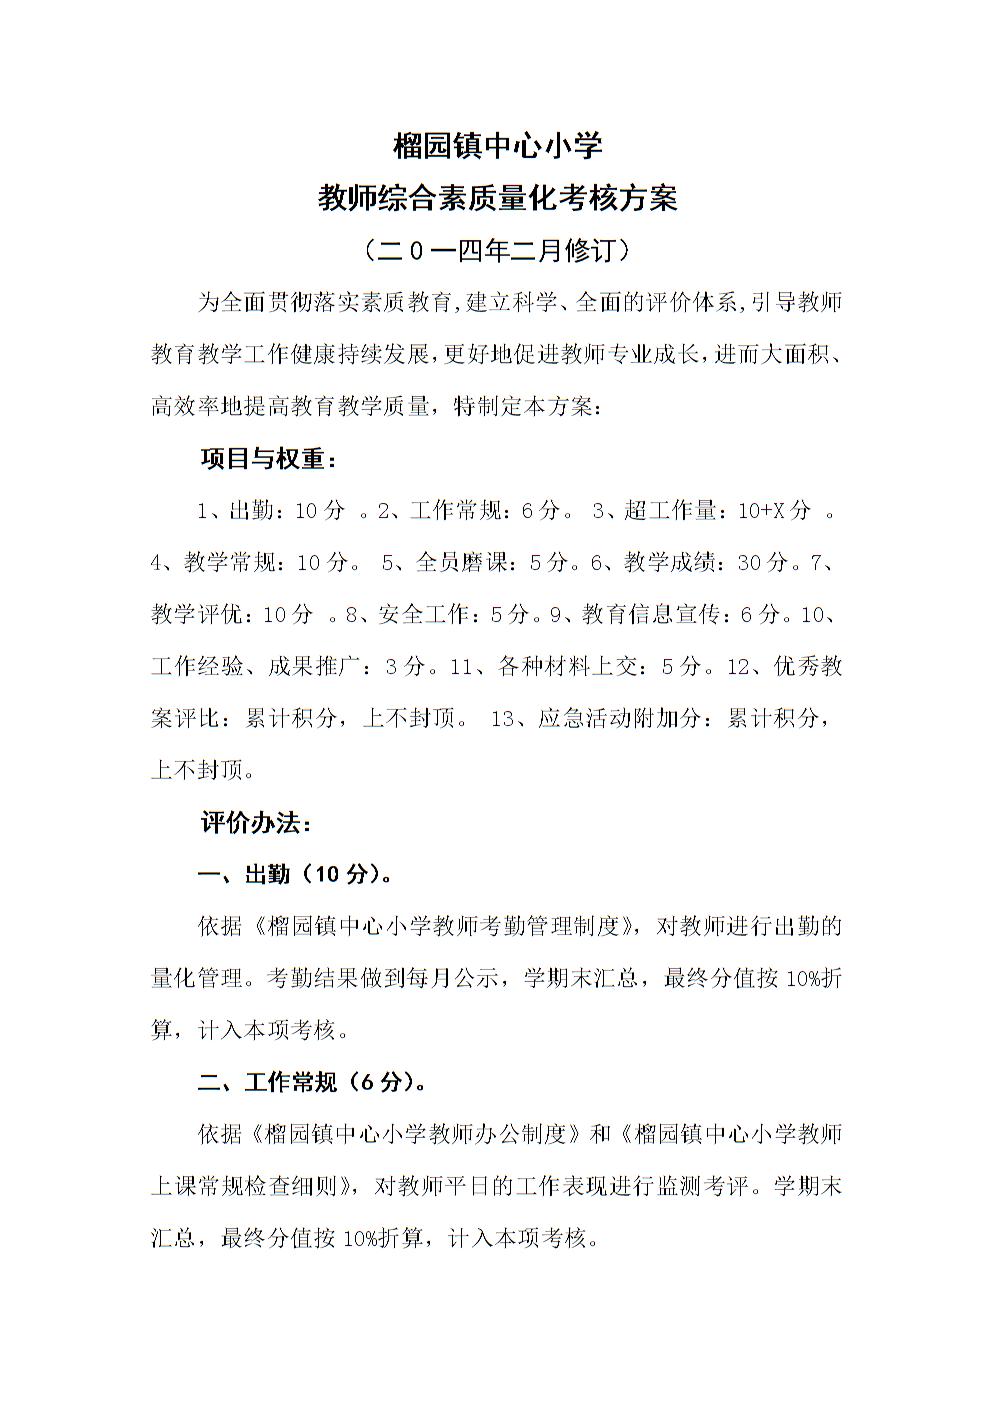 榴园镇中心小学教师考核素质量化综合方案设计小学生上海报图片